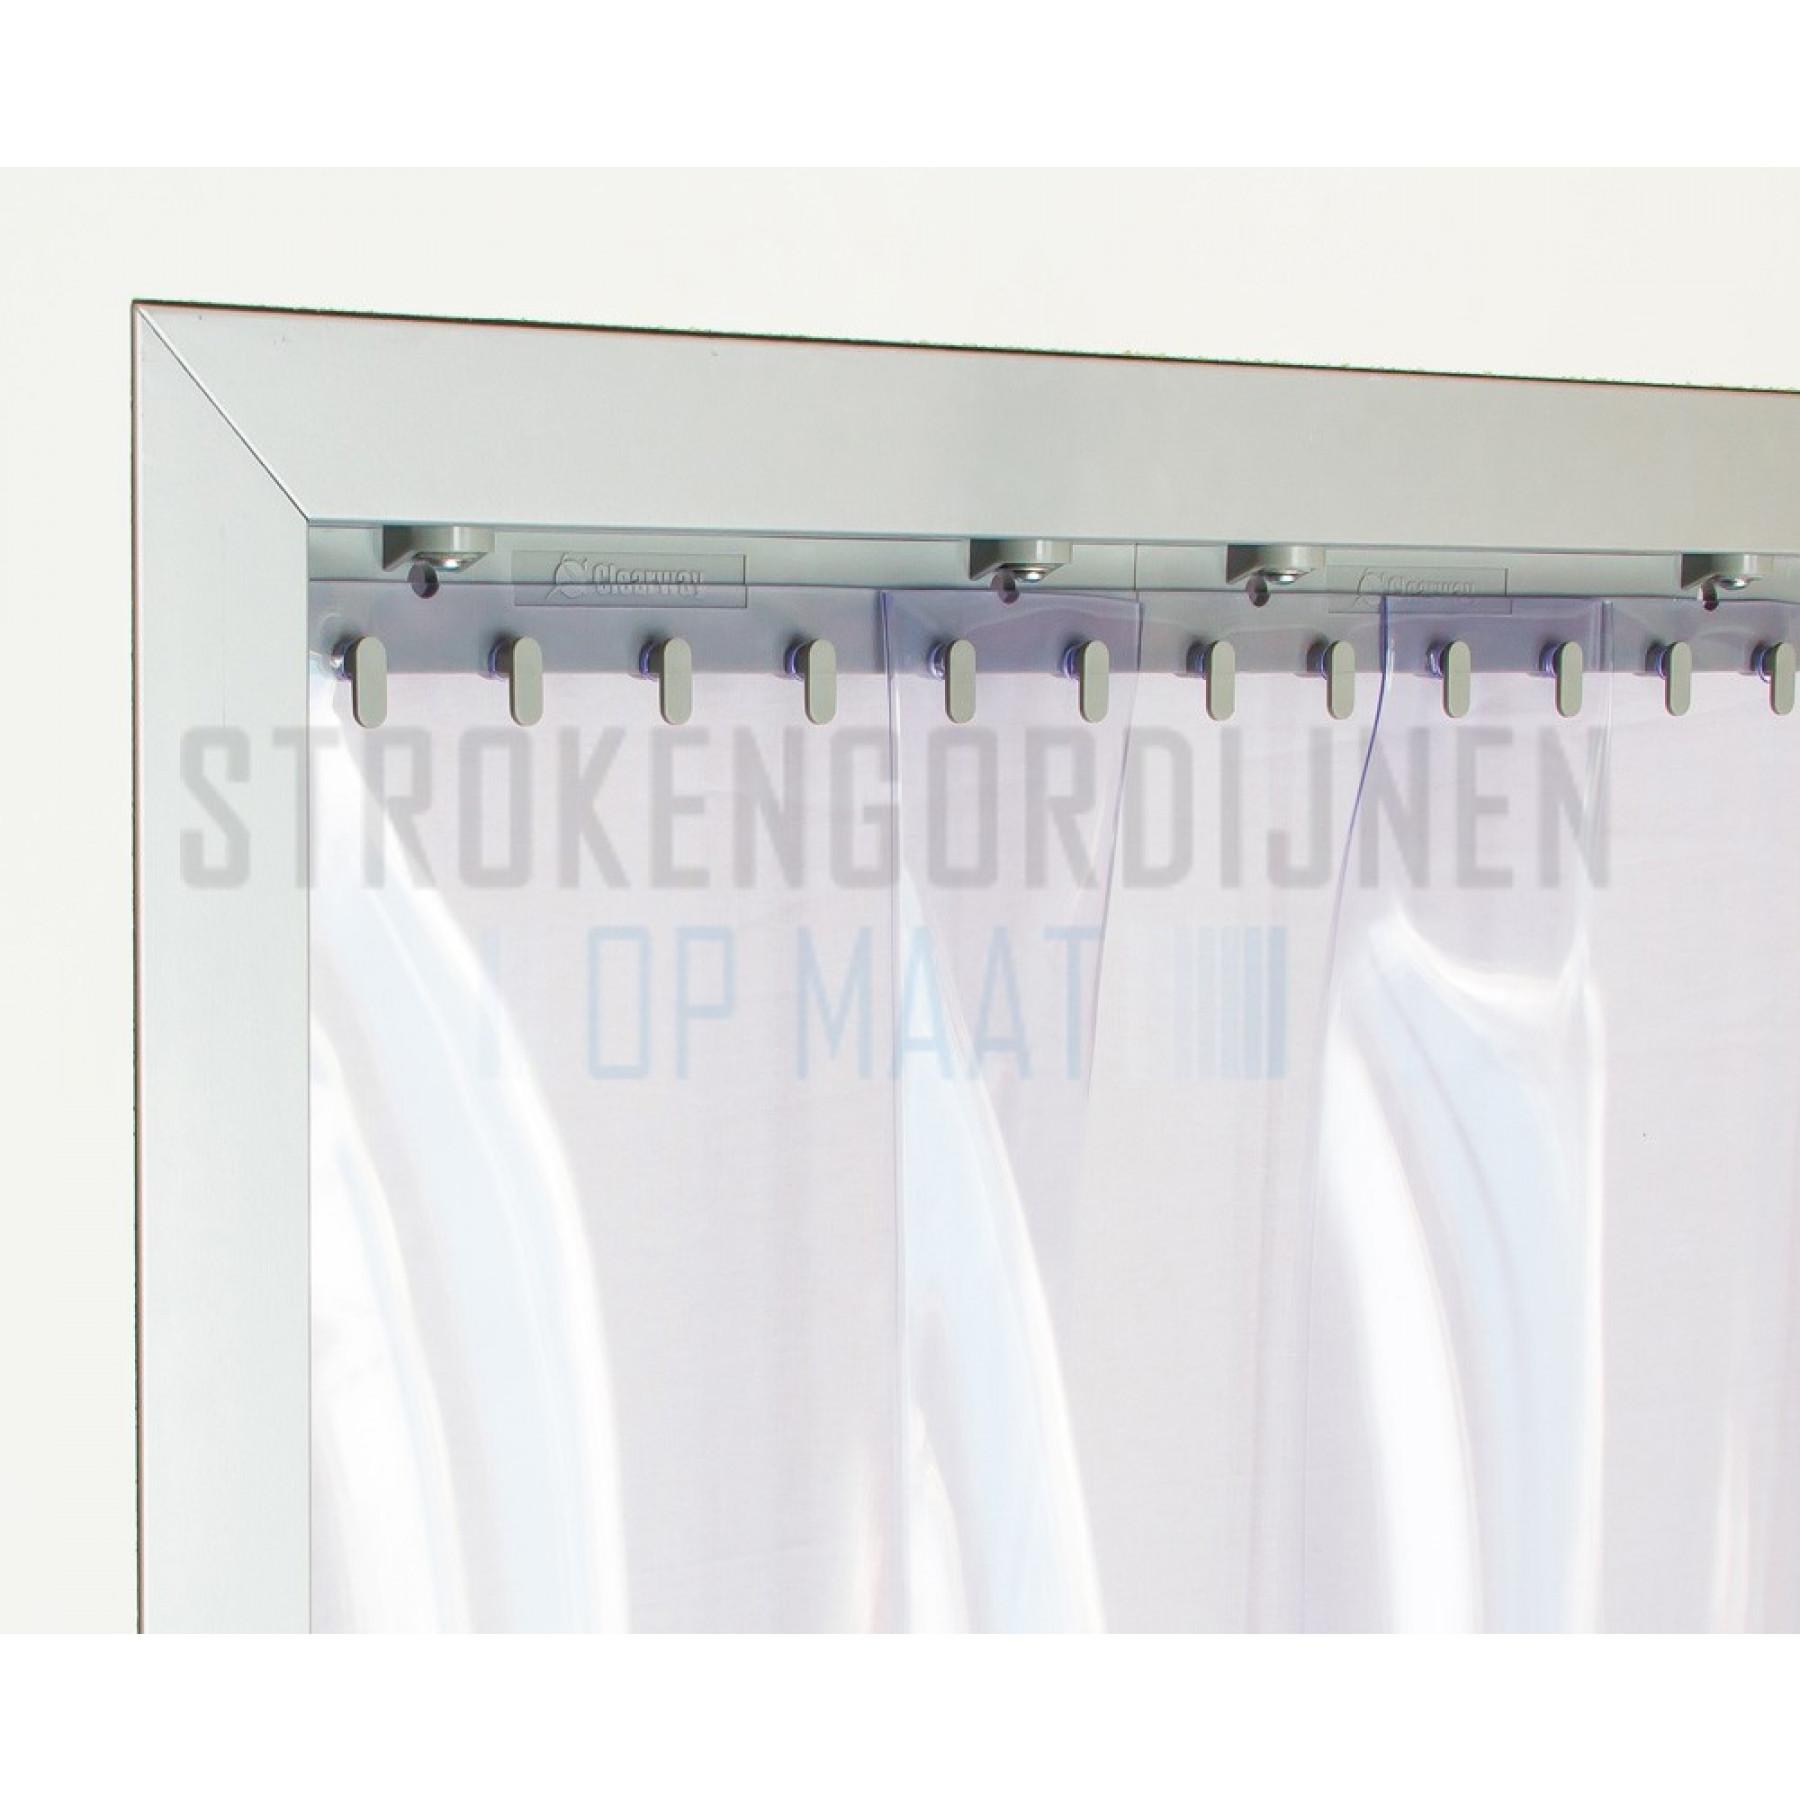 PVC op rol, 300mm breed, 3mm dik, 50 meter lengte, diepvrieskwaliteit, transparant